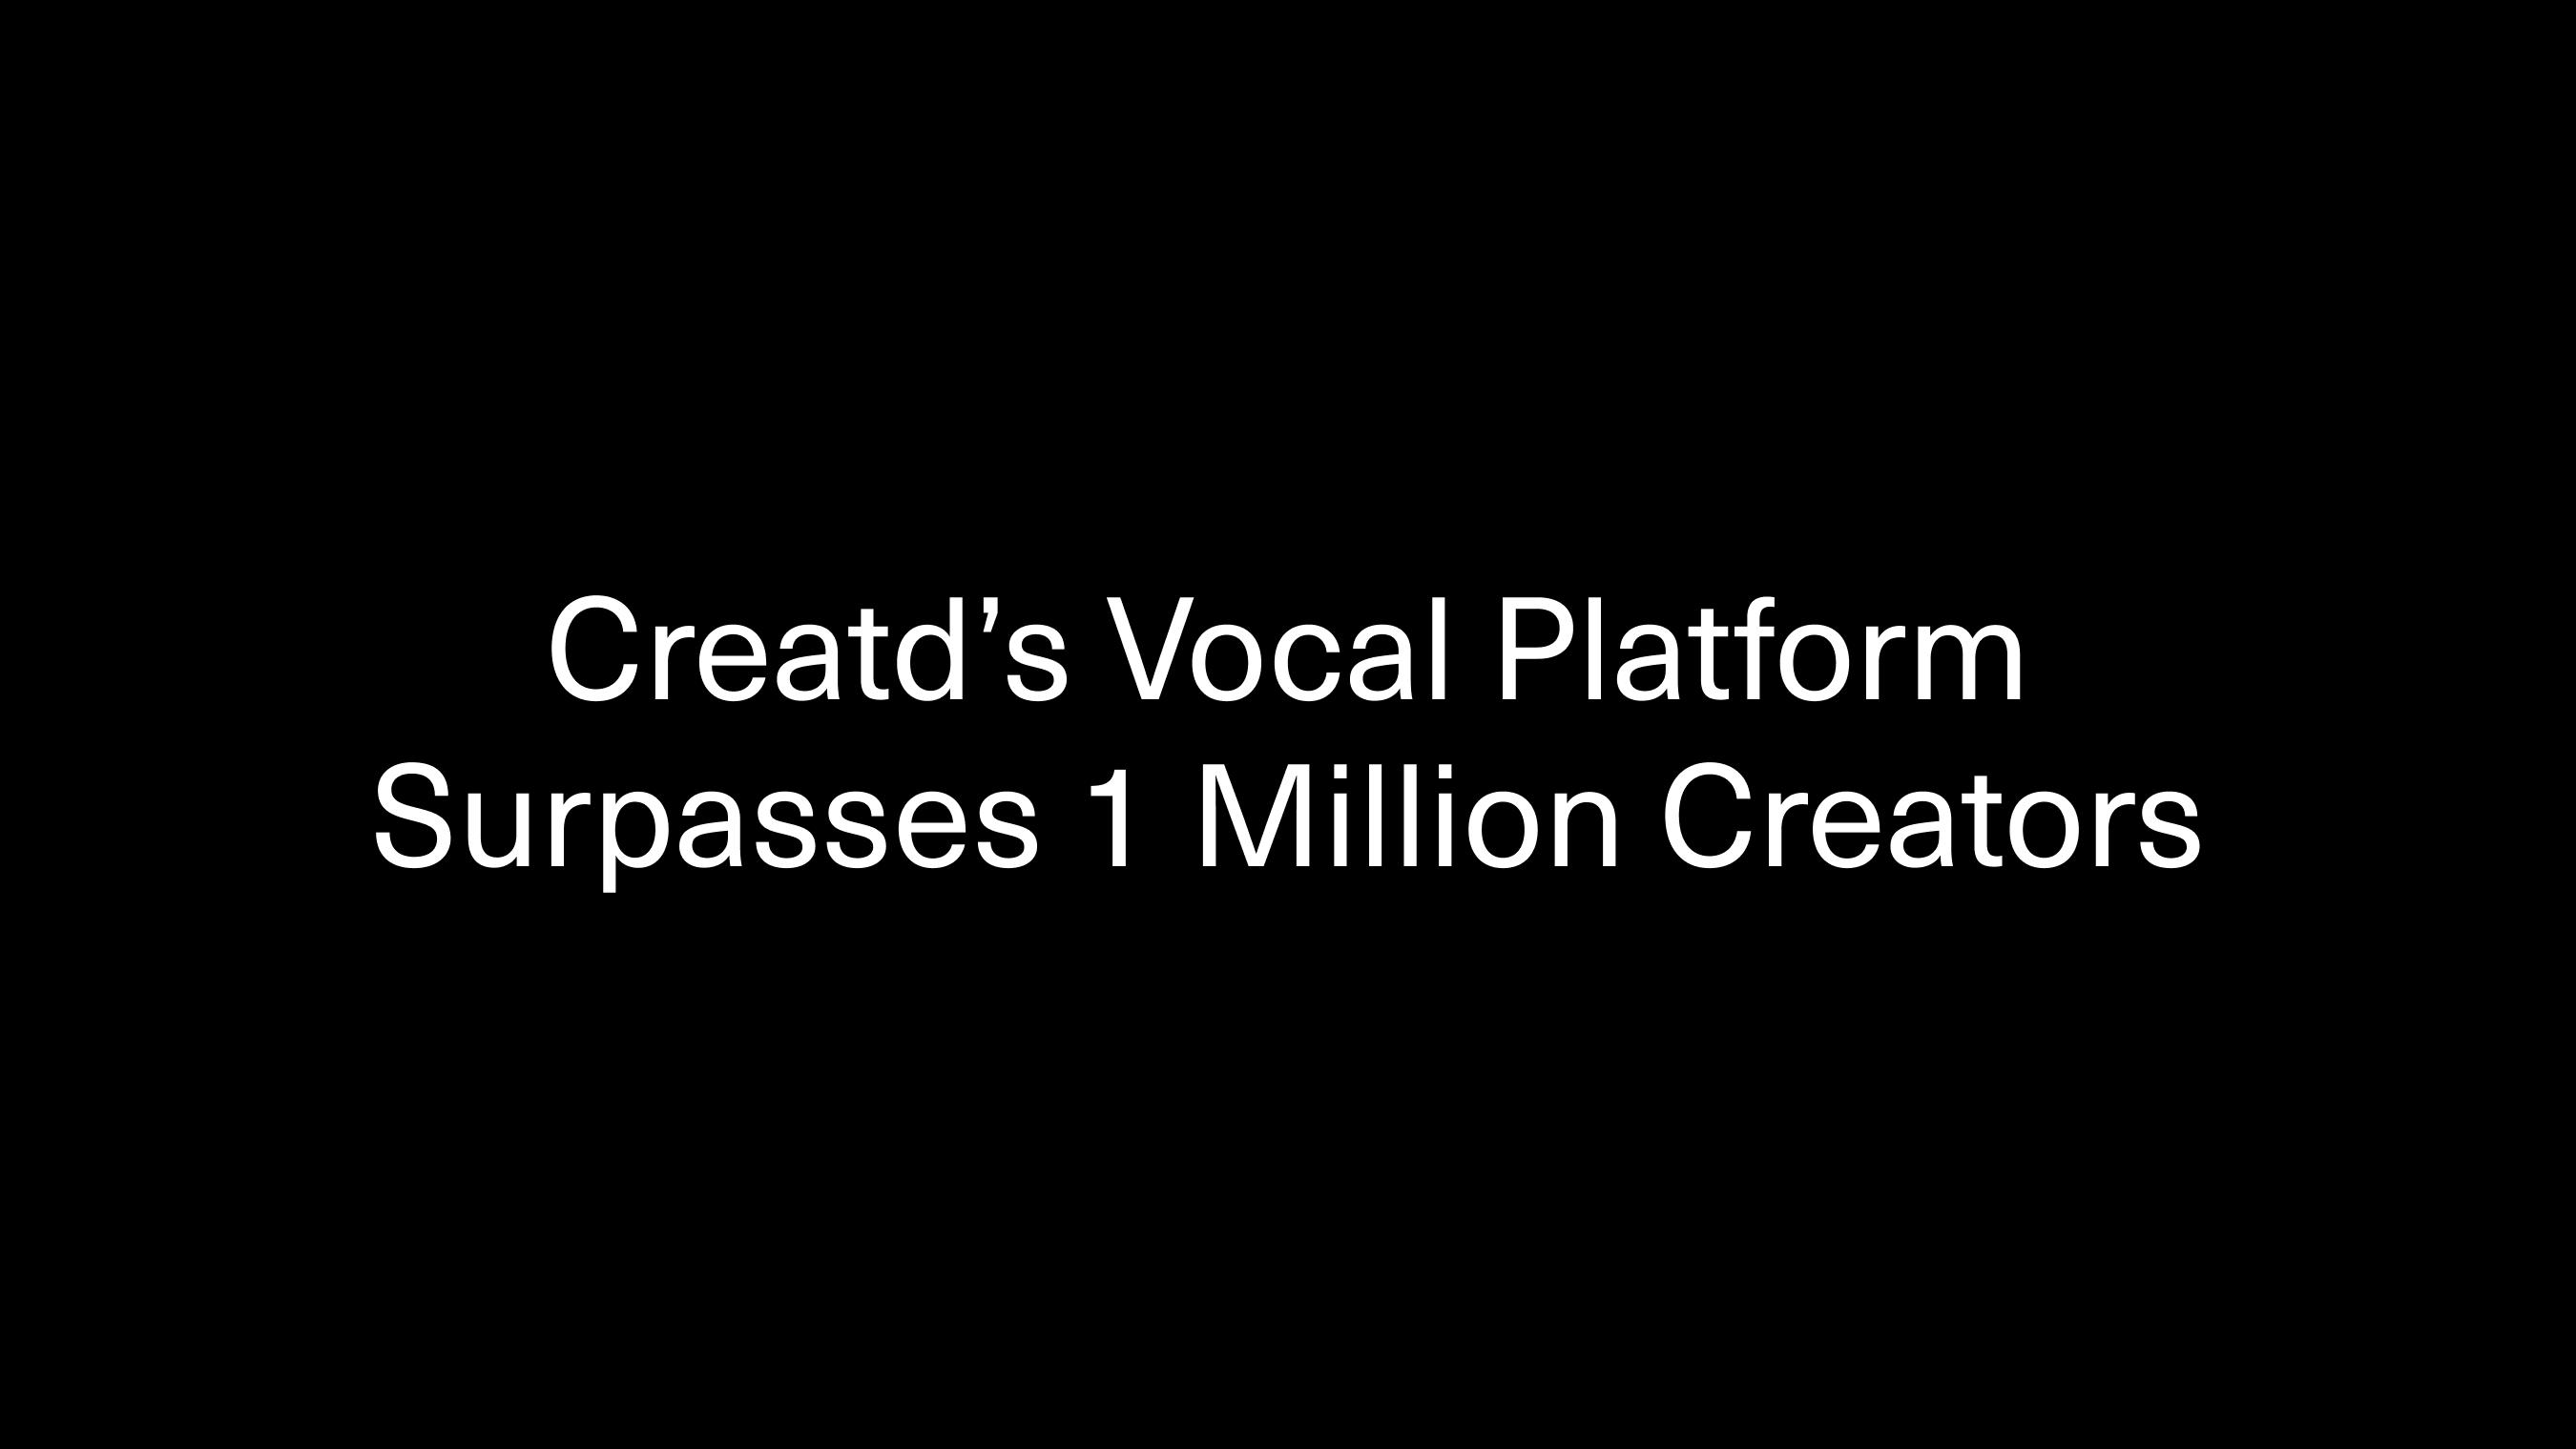 Creatd's Vocal Platform Surpasses 1 Million Creators